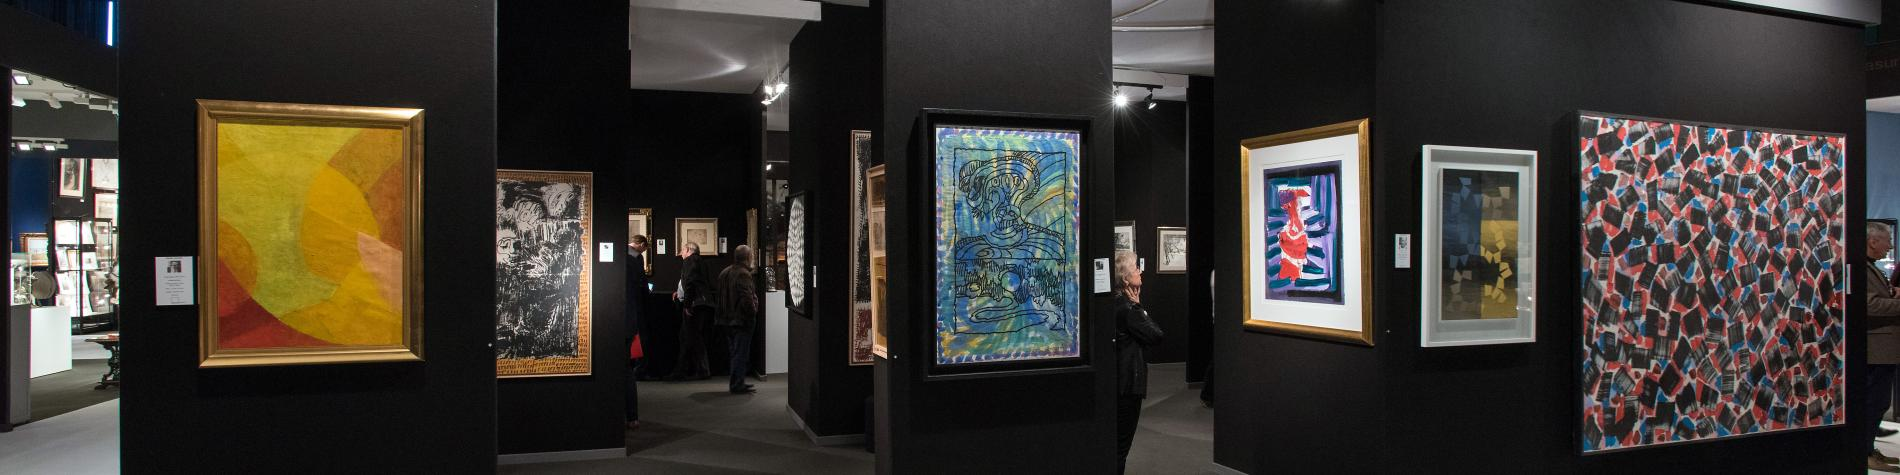 Visitez Antica Namur, le salon d'antiquités qui rassemble plus de 155 antiquaires belges et étrangers